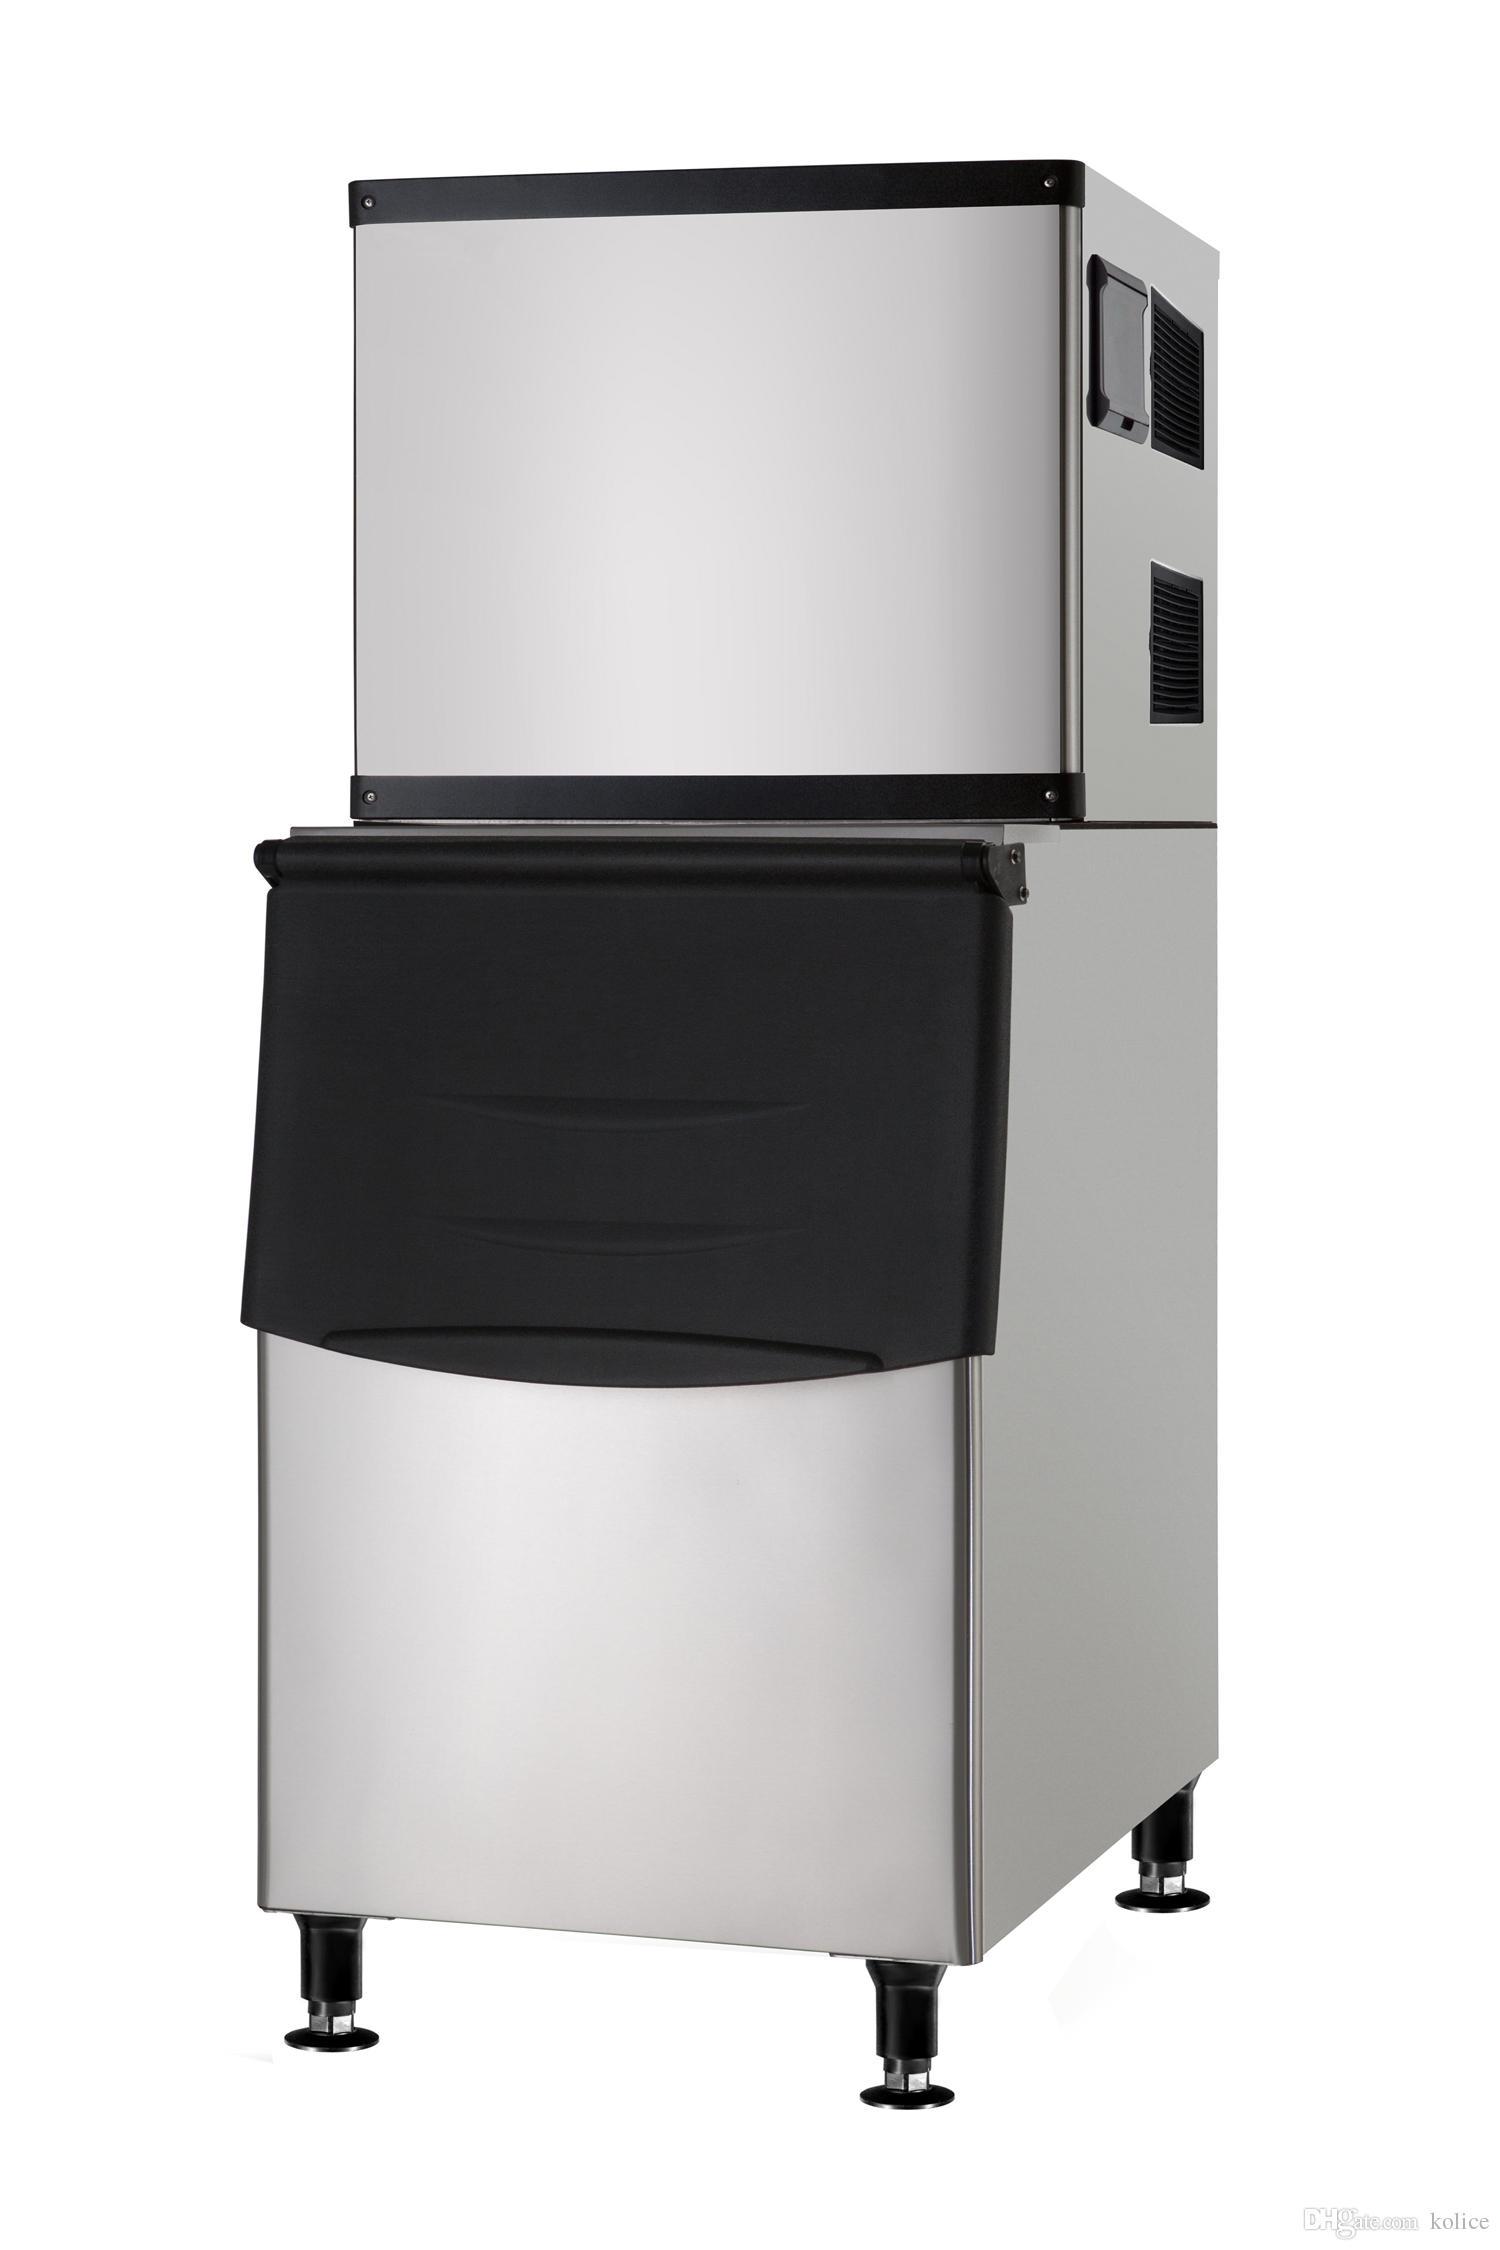 ETL approvato spedizione libera a porta dal tubo del ghiaccio d'aria macchina per fare cubetti macchina ghiaccio cubetti di ghiaccio per l'hotel, bar, caffè, ristorante